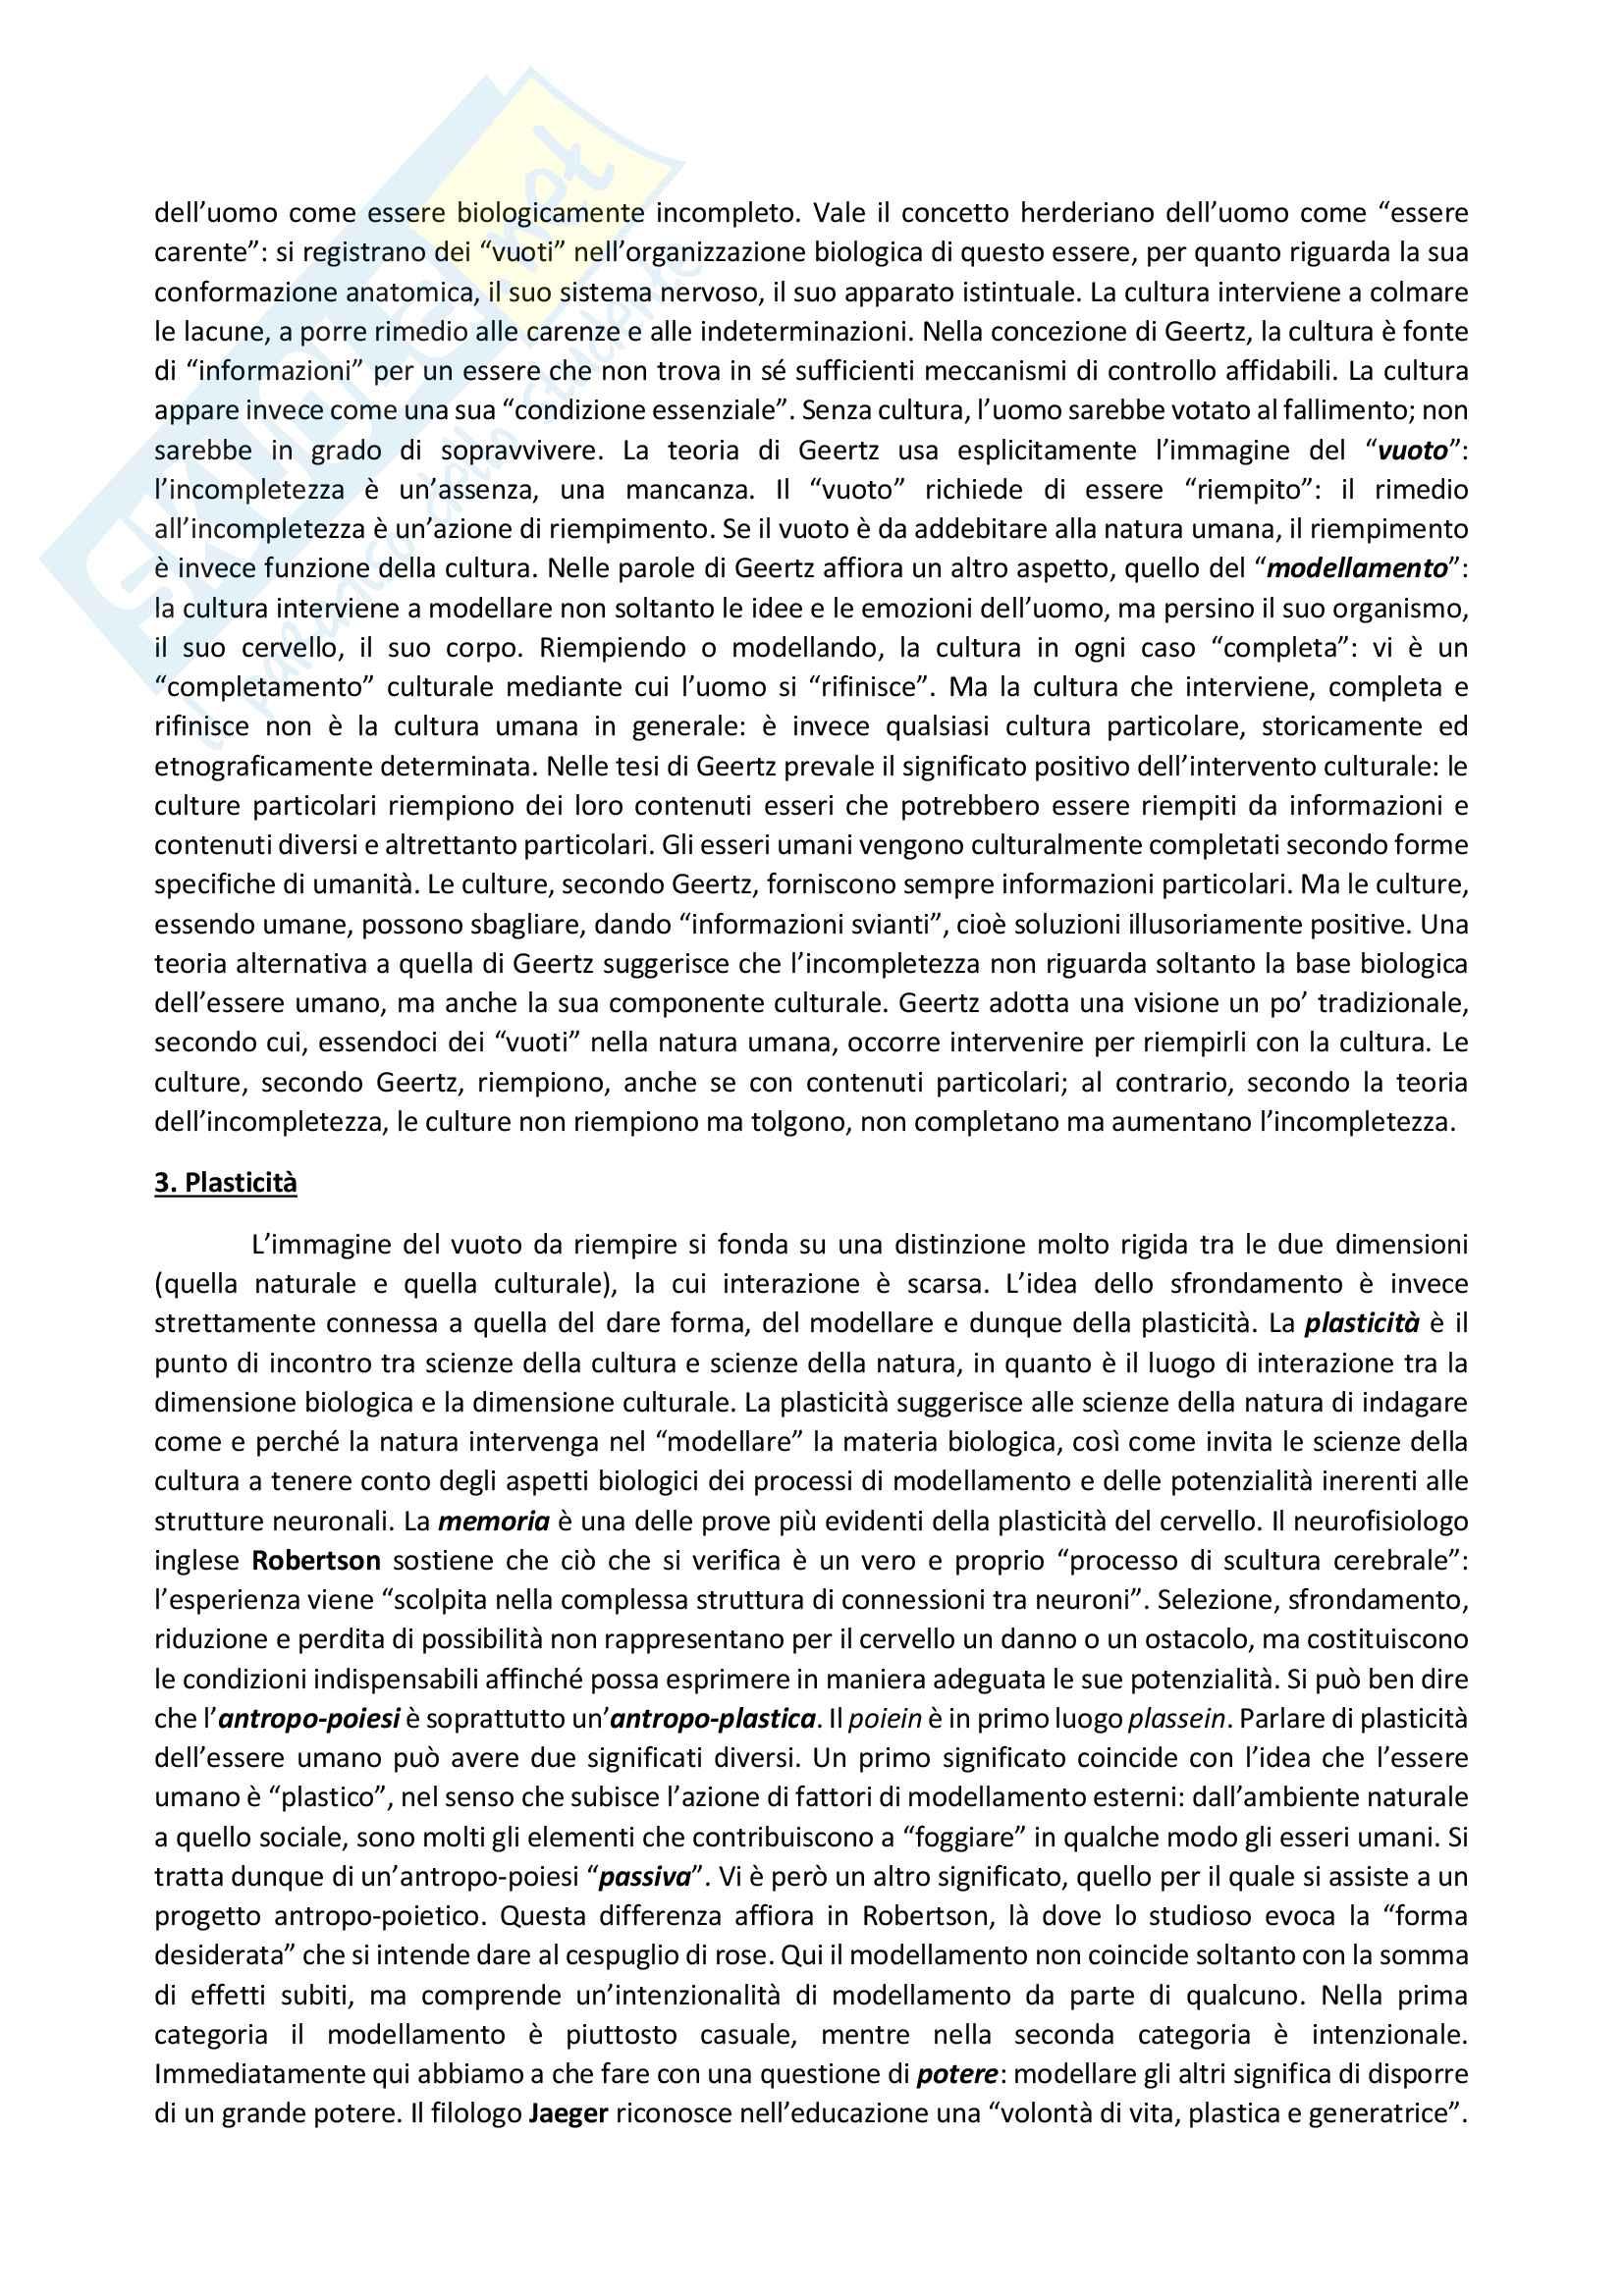 Riassunto esame Antropologia dei testi e dei contesti letterari, prof. Combi. Libro consigliato Fare umanità. I drammi dell'antropo-poiesi, F. Remotti Pag. 2